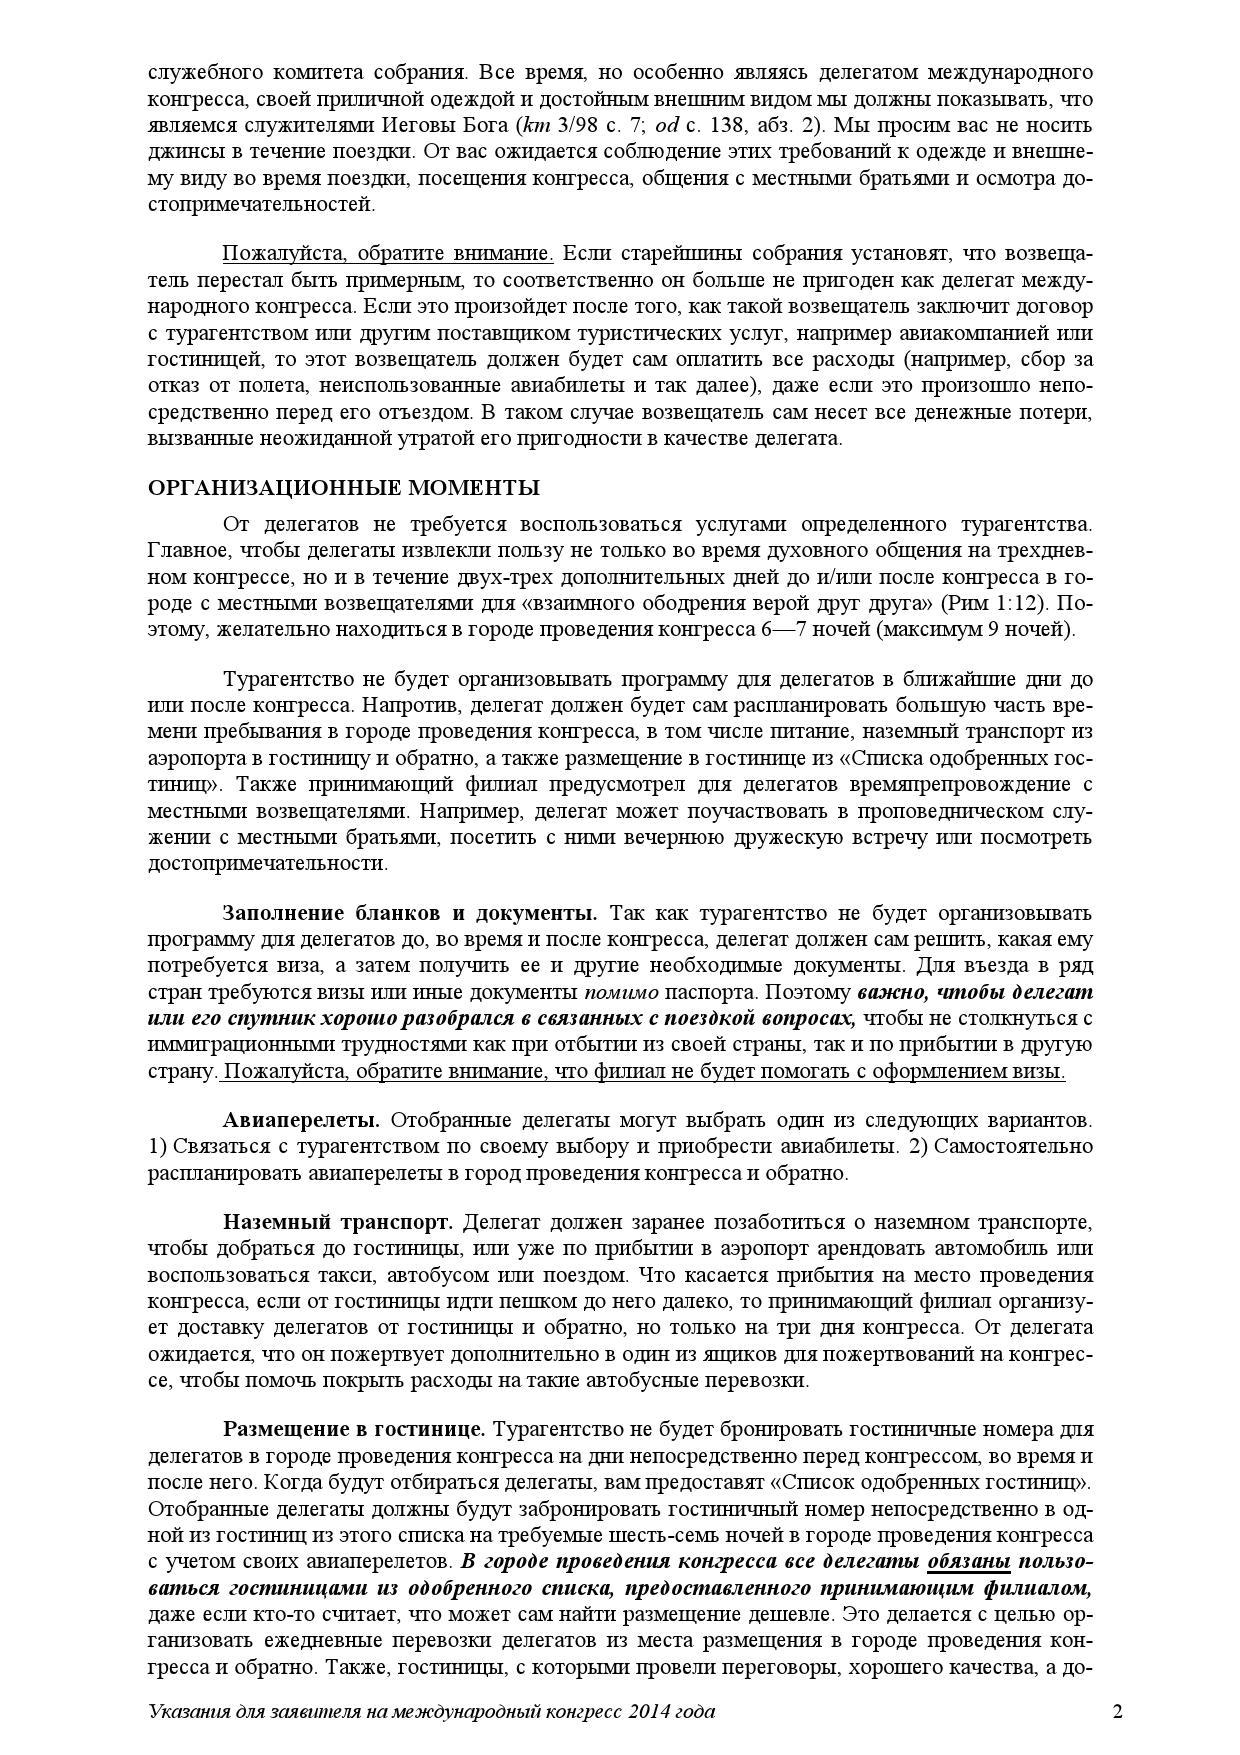 L-20130731b-U-Ru-CSC (отмена примерности, расходы, отказ от турагенств)___000002